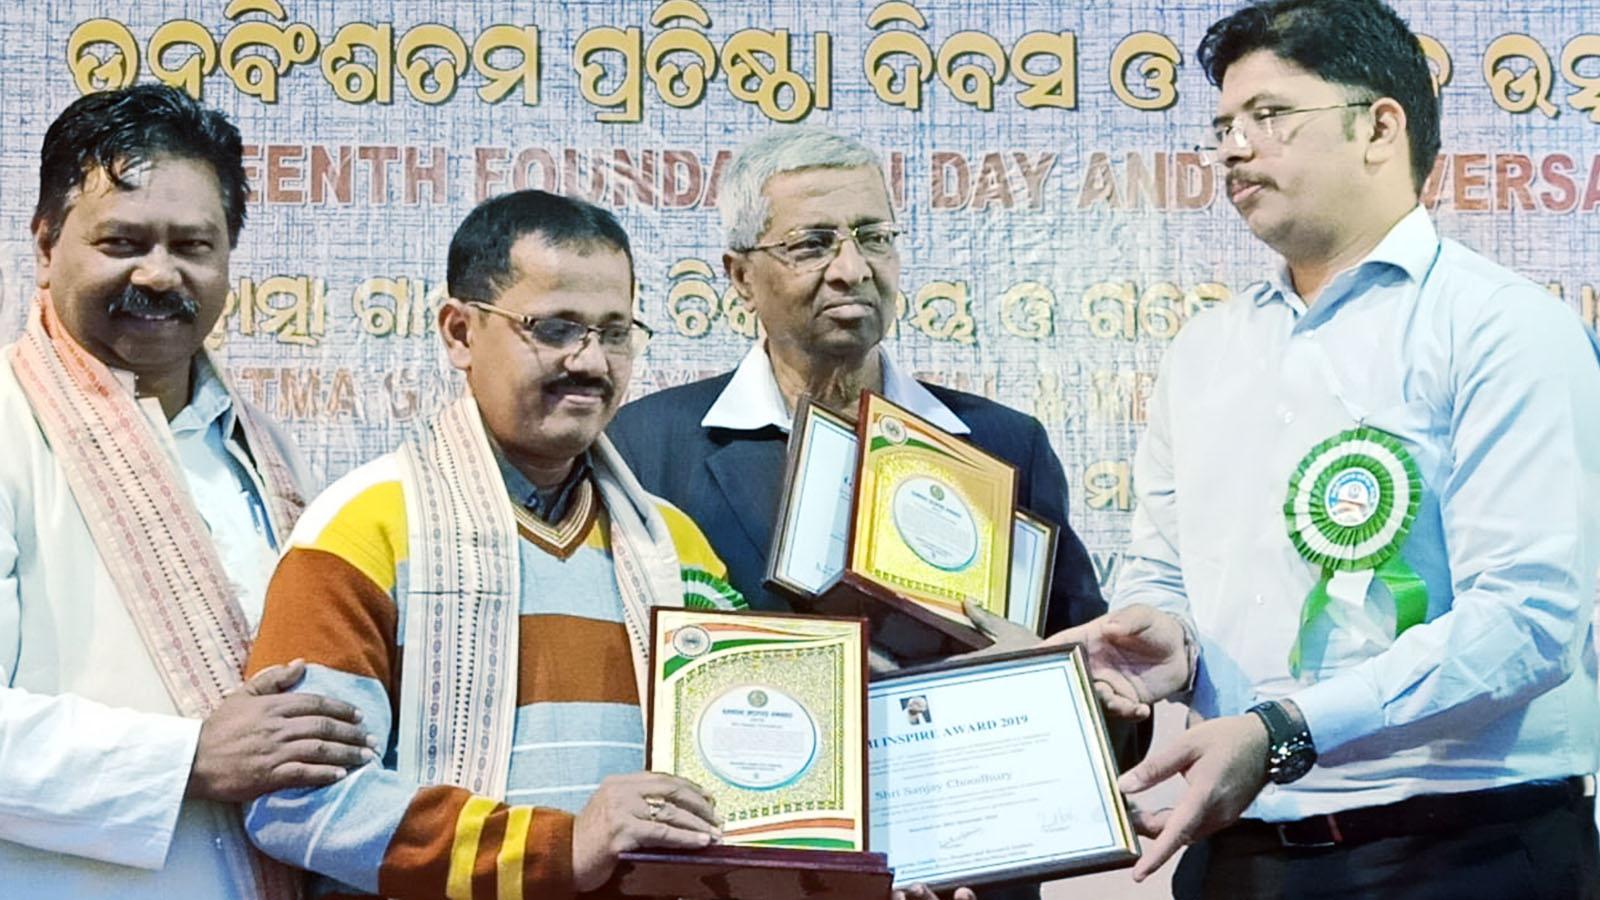 MGEHRI 1600x900 15 Felicitation of SP, Mayurbhanj